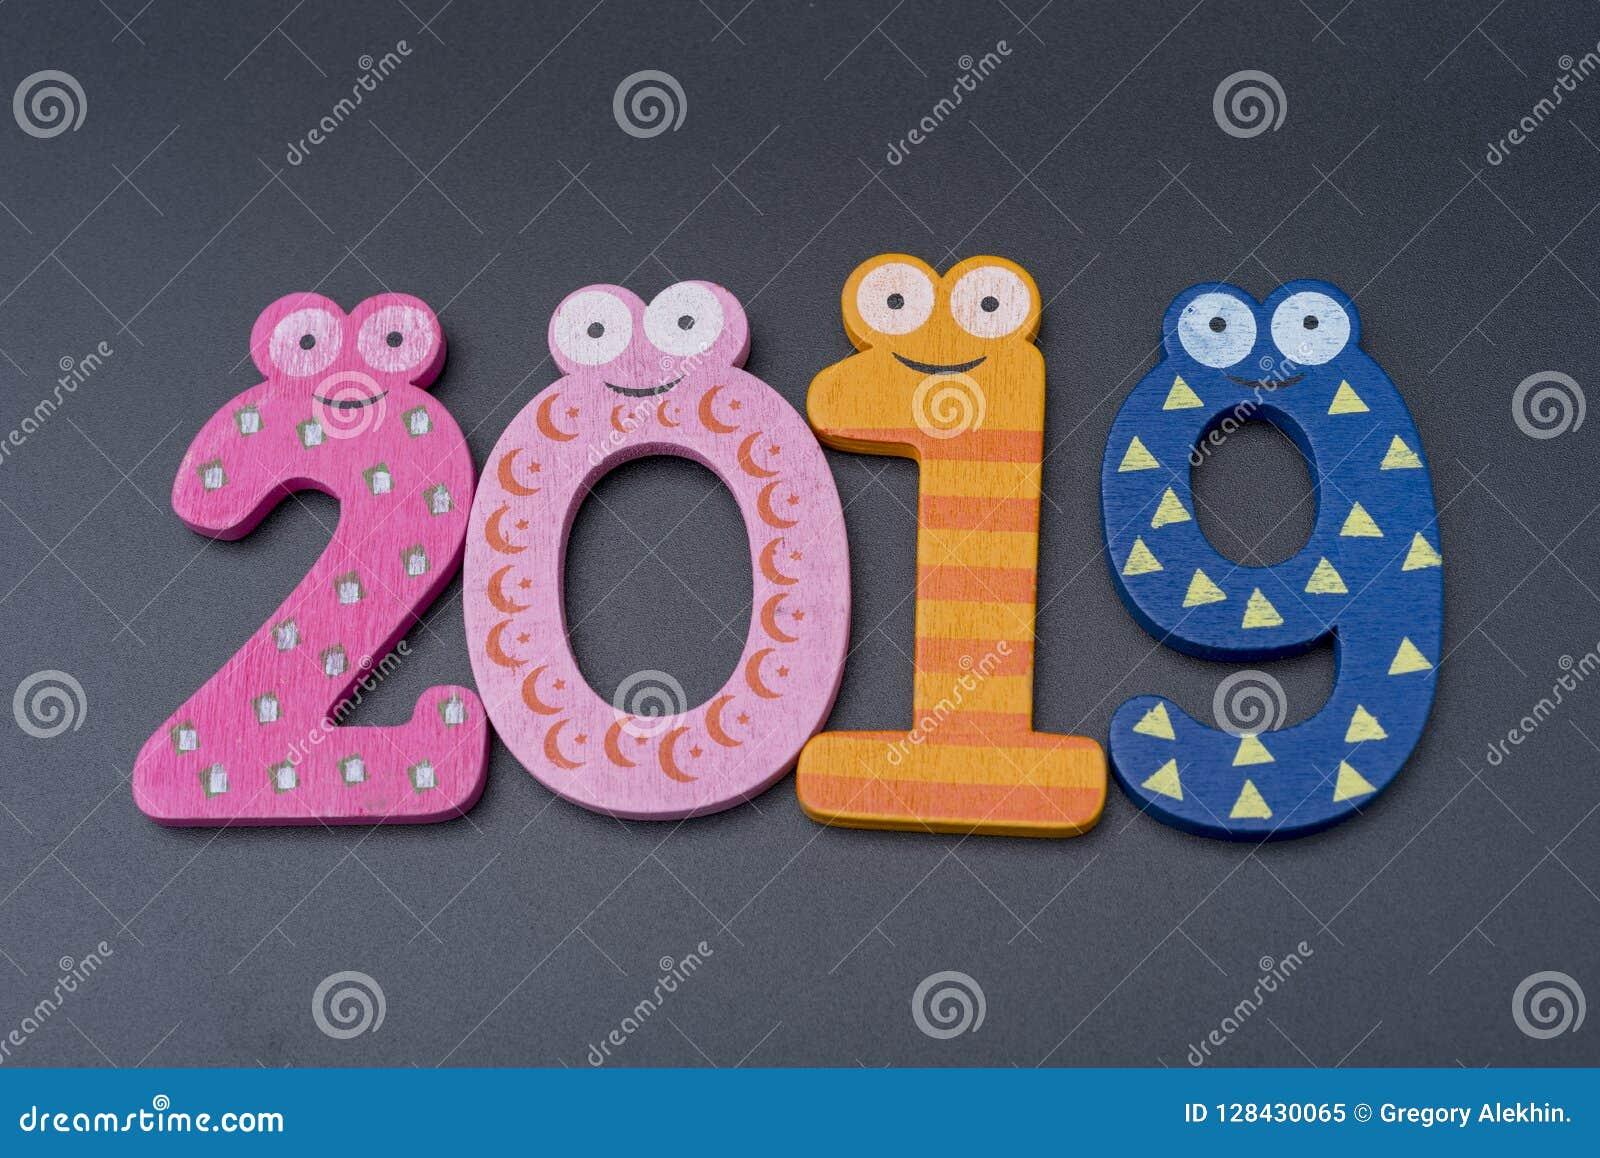 Ano novo dois mil dezenove, números brancos em um fundo preto